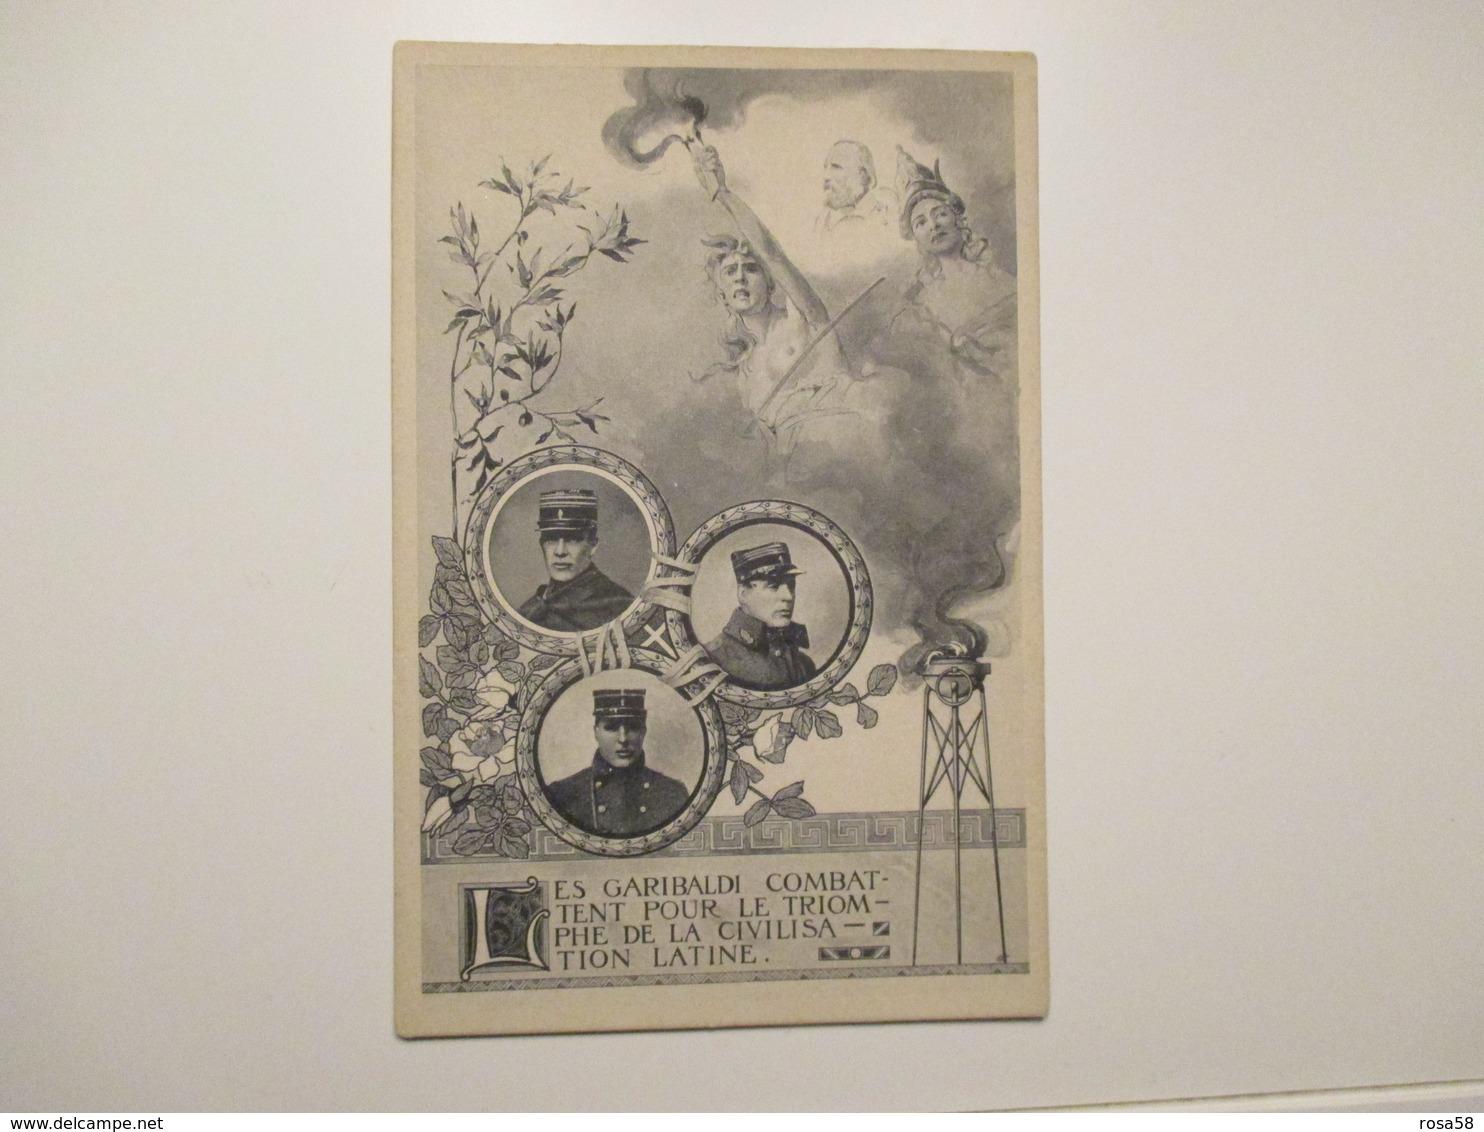 GARIBALDI Les Garibaldi Combattent Pour Le Triomphe De La Civilisation Latine Volto Nel Cielo France - Geschiedenis